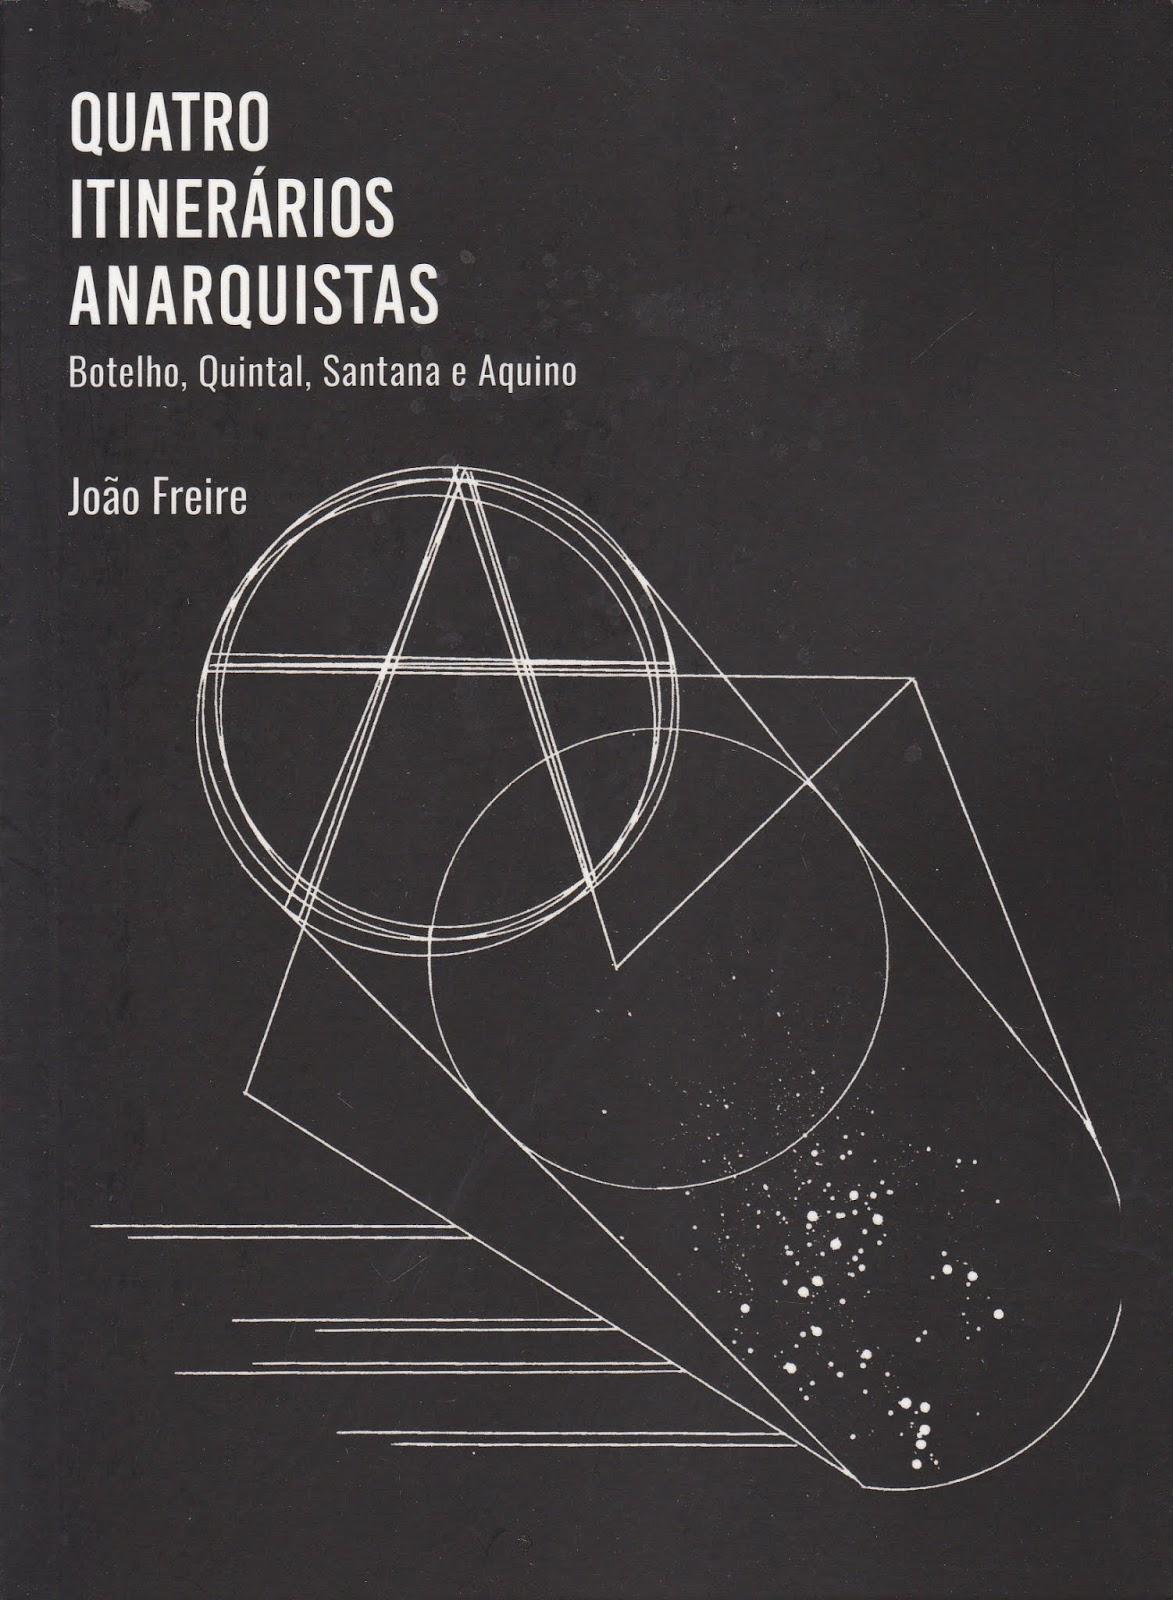 Quatro Itinerários Anarquistas